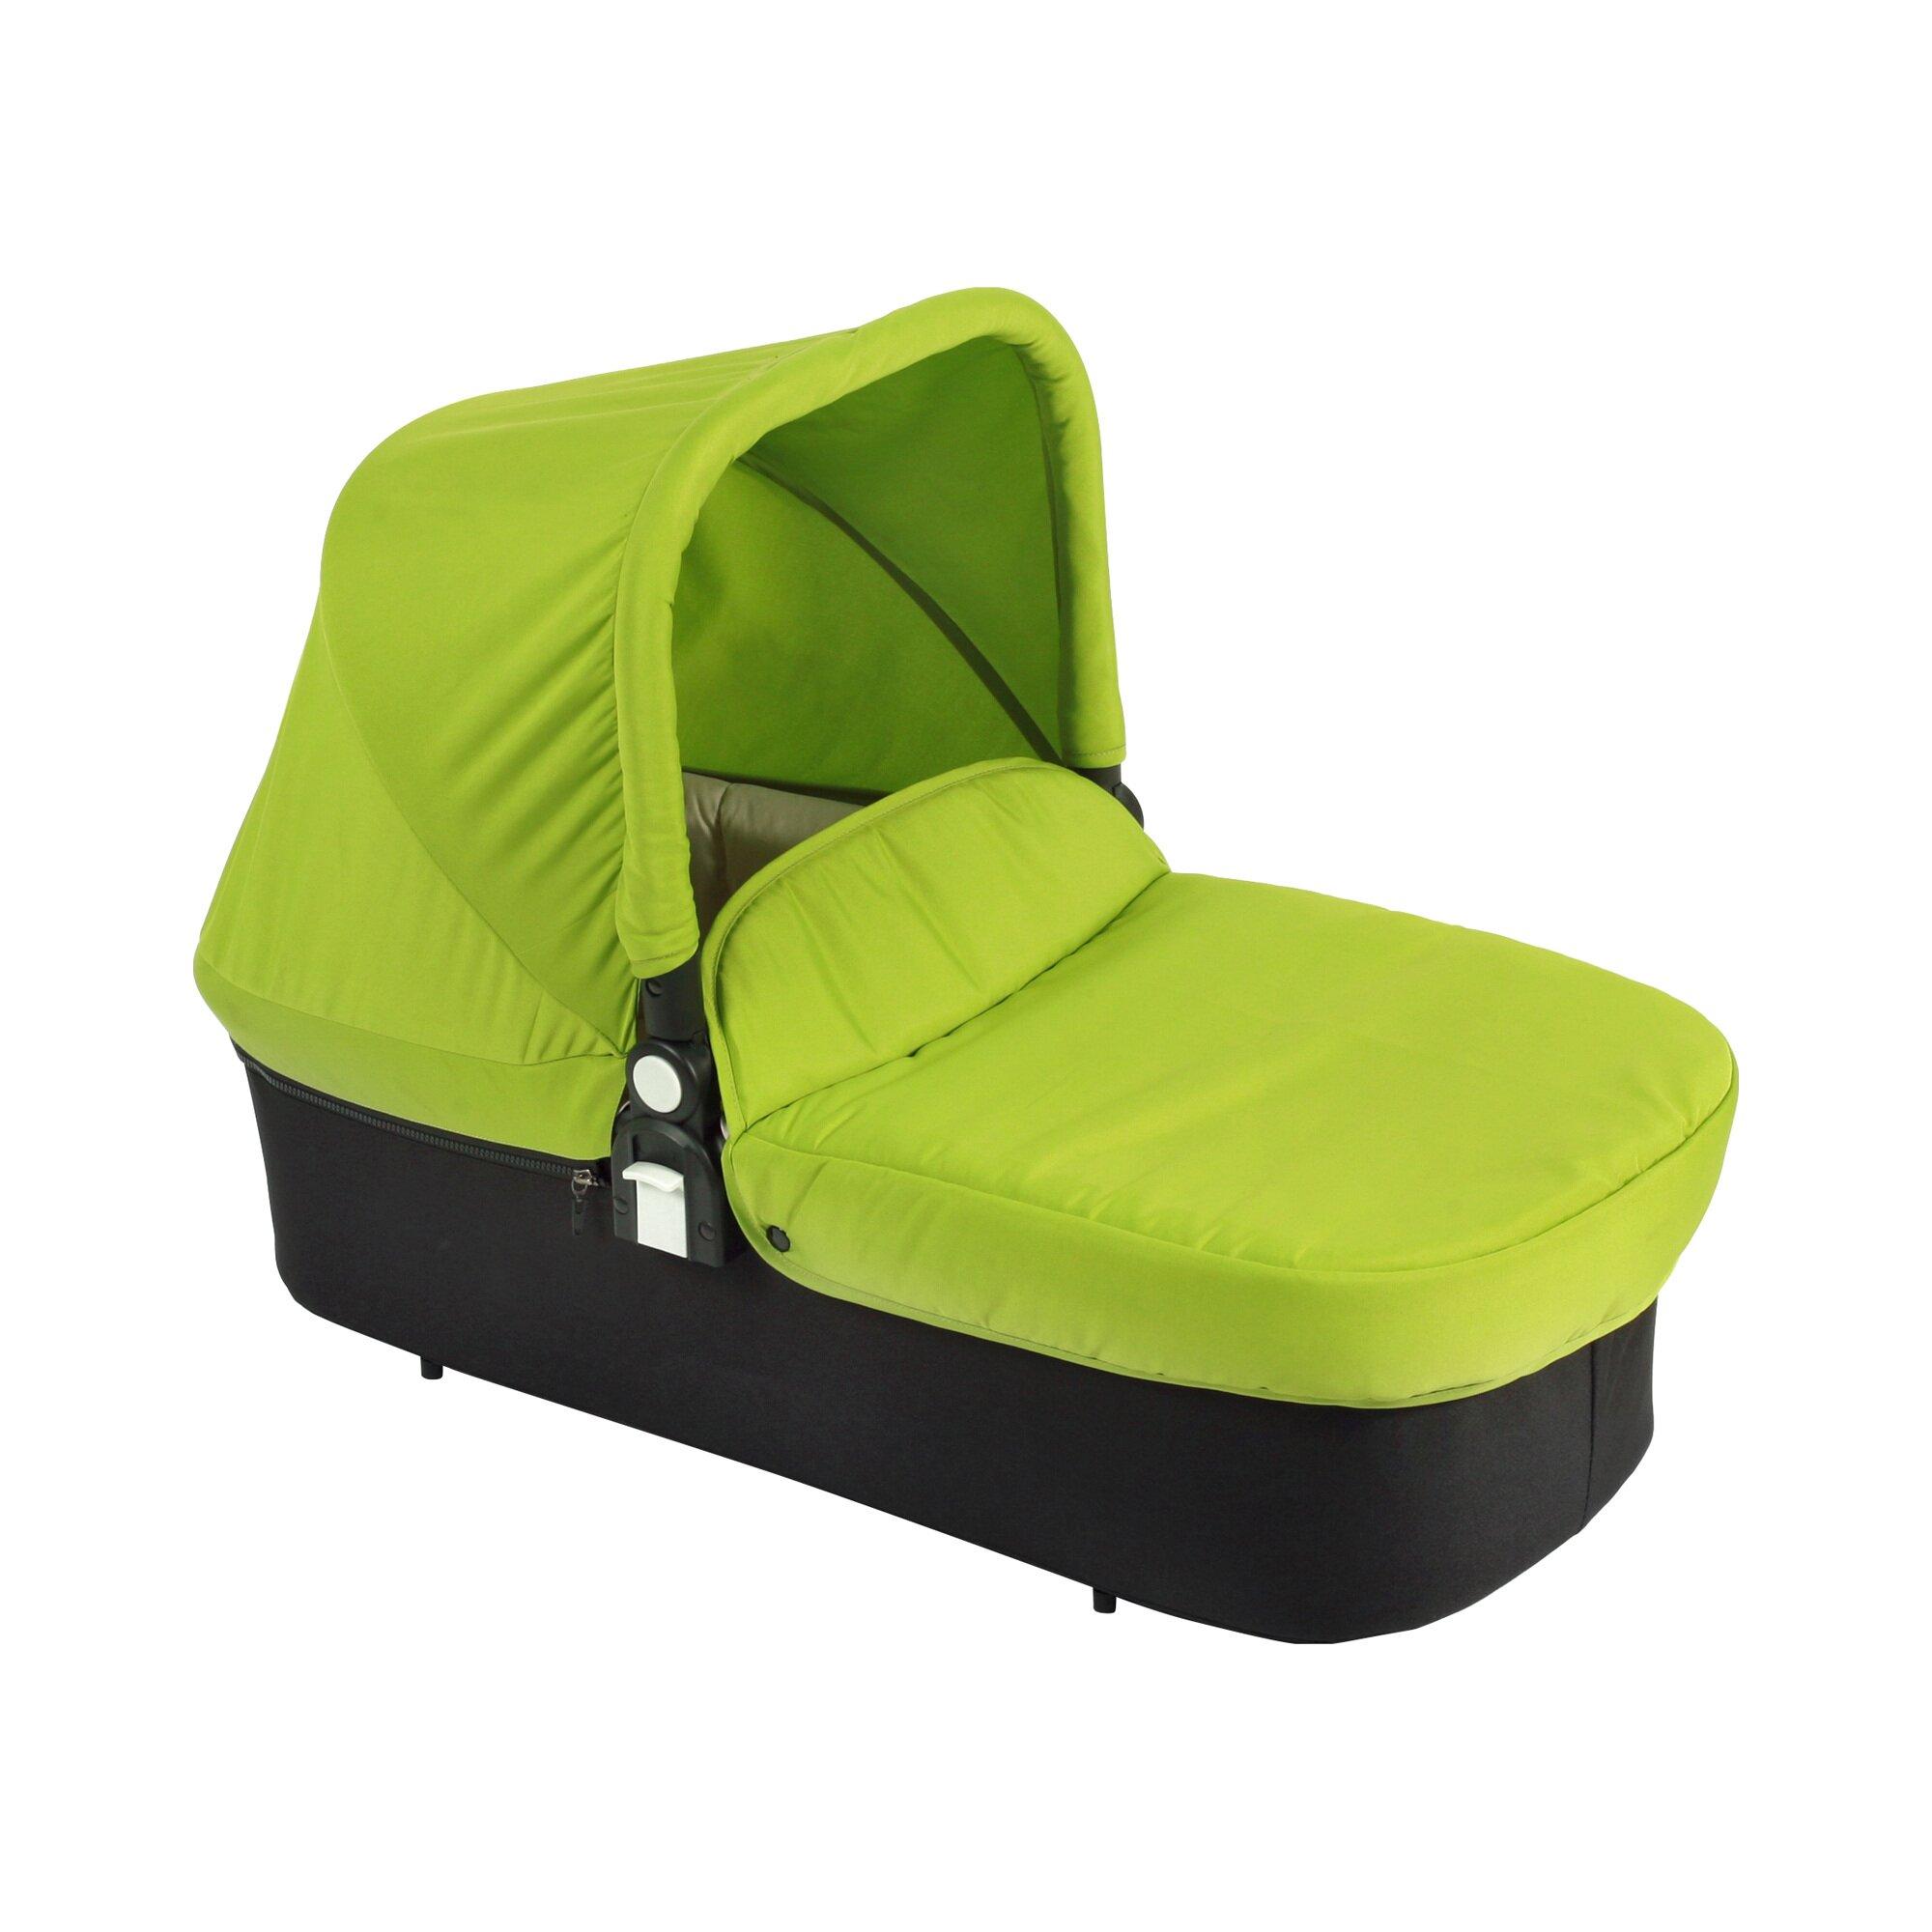 chic-4-baby-volare-kombikinderwagen-schwarz